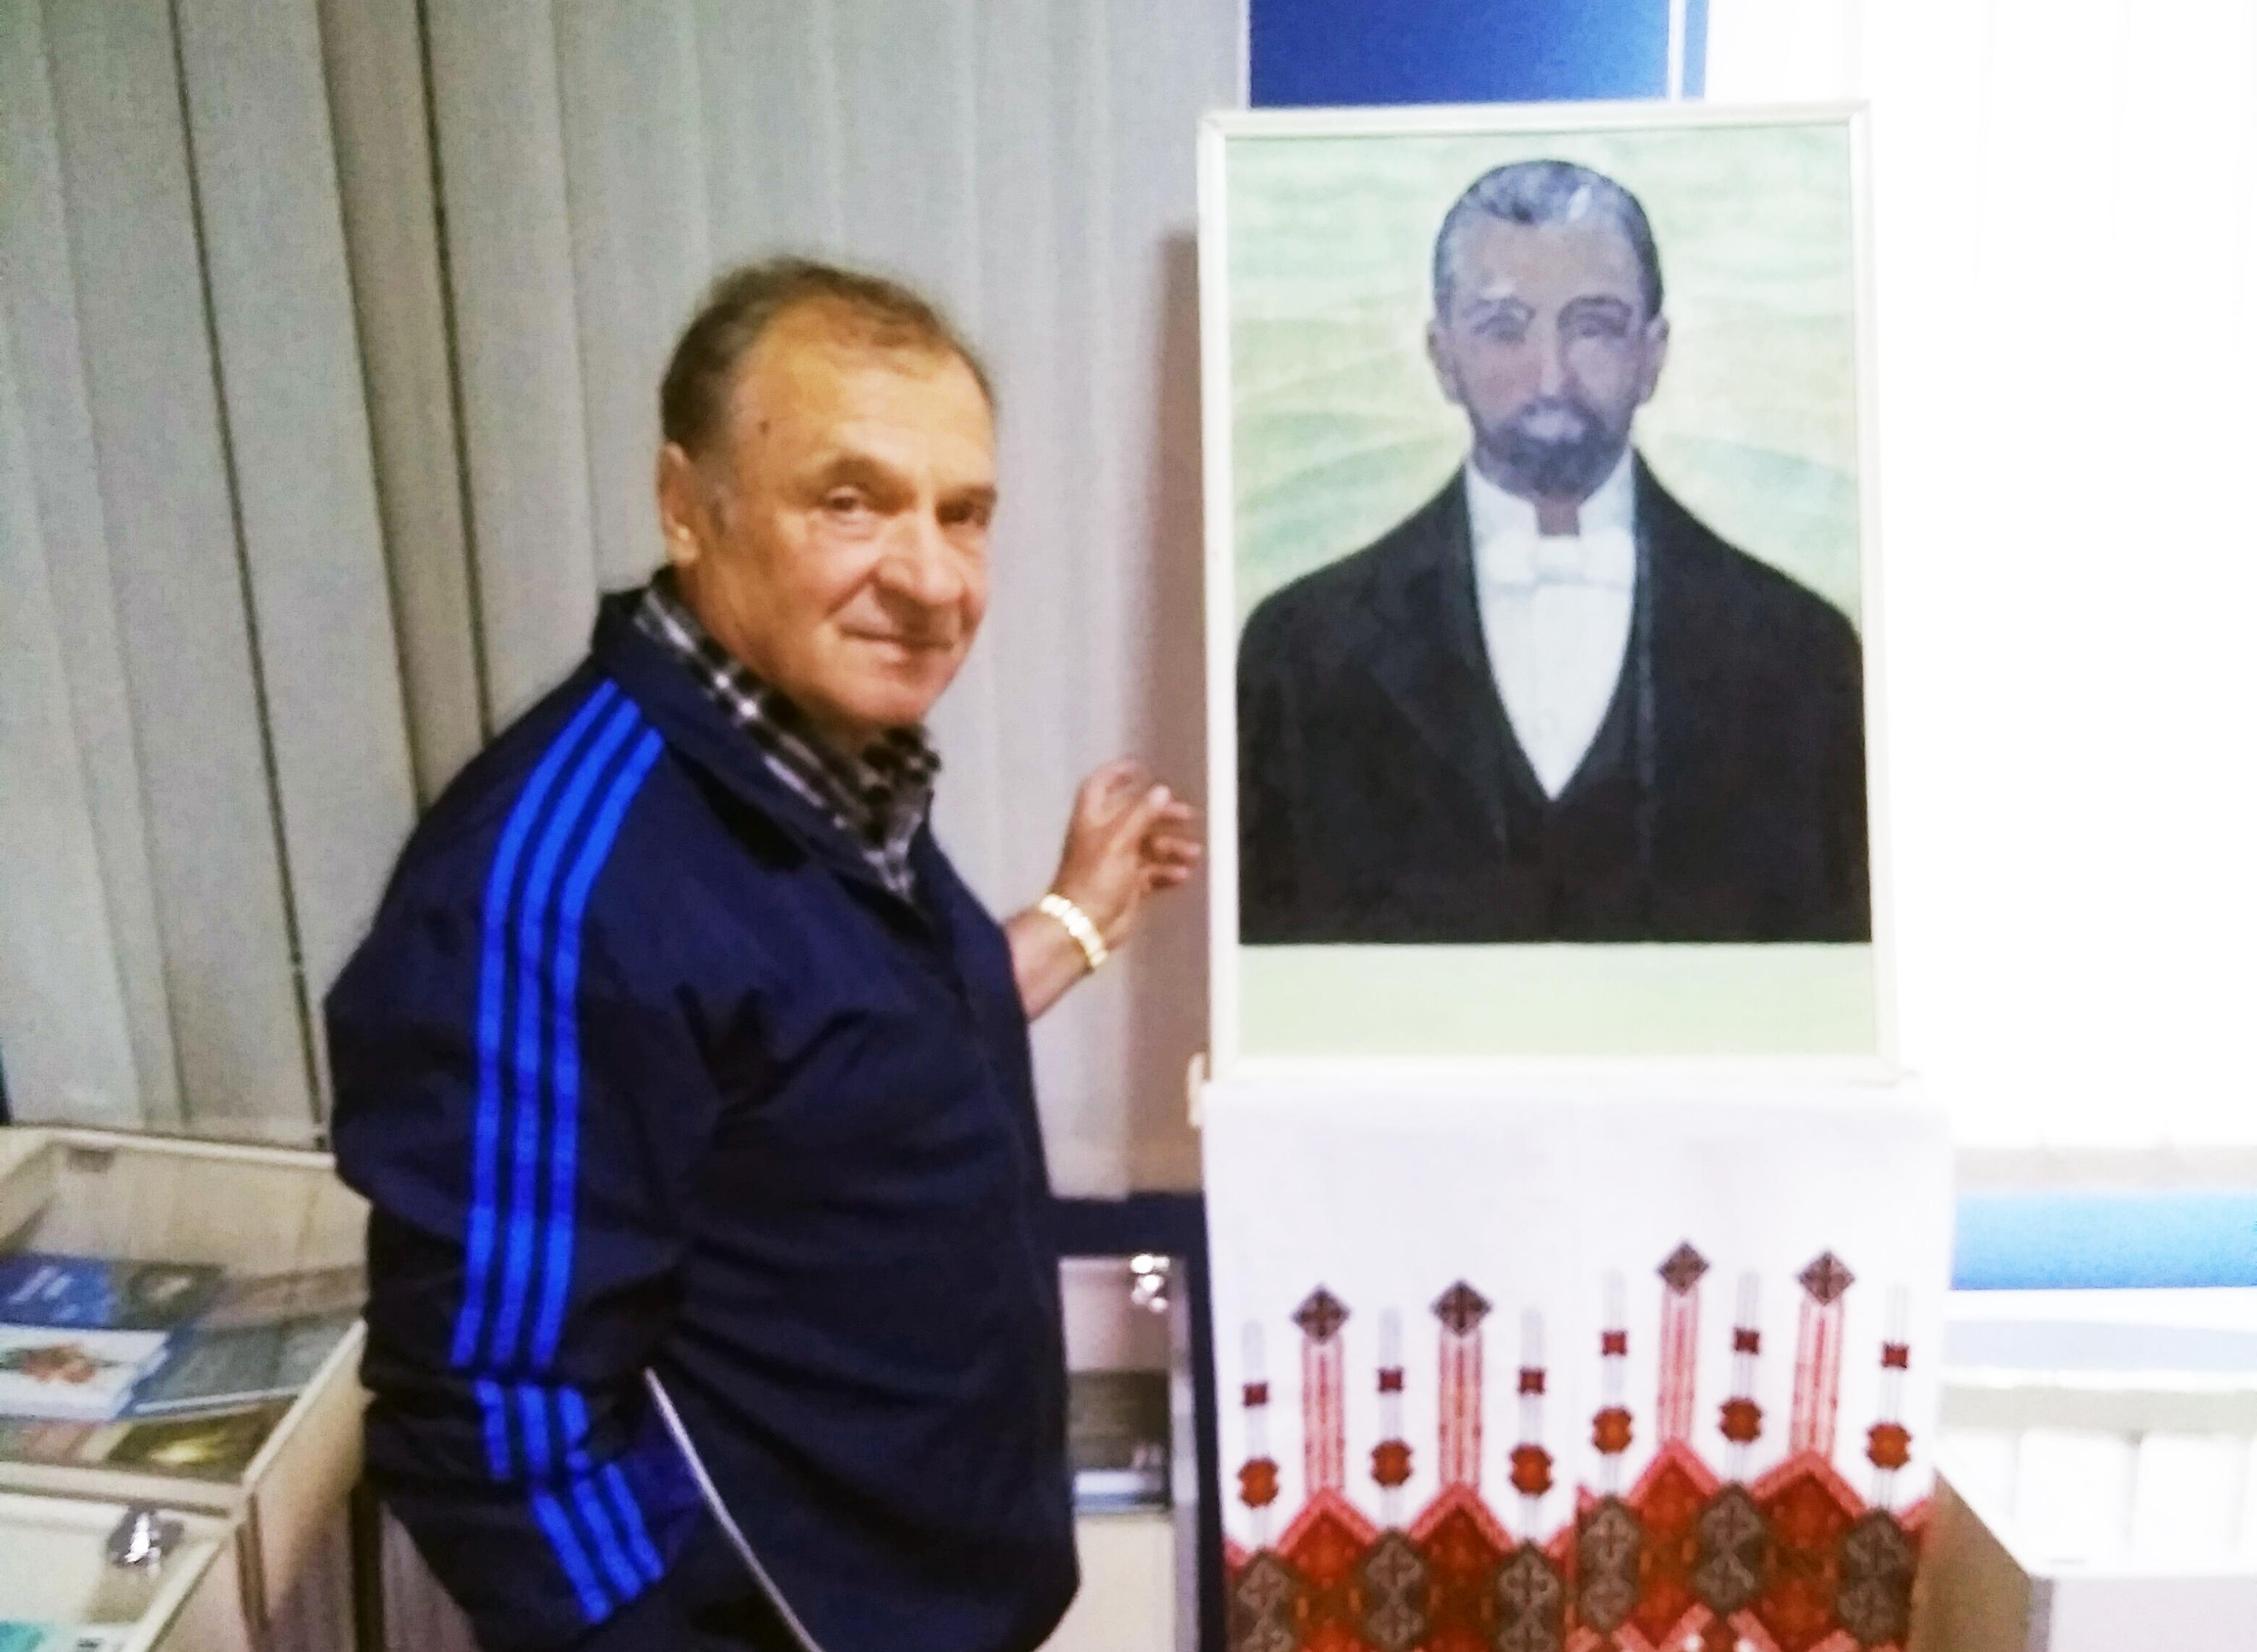 Завідувач Літературного музею В. Смирнов біля Стефаникового портрета роботи М. Фіголя.